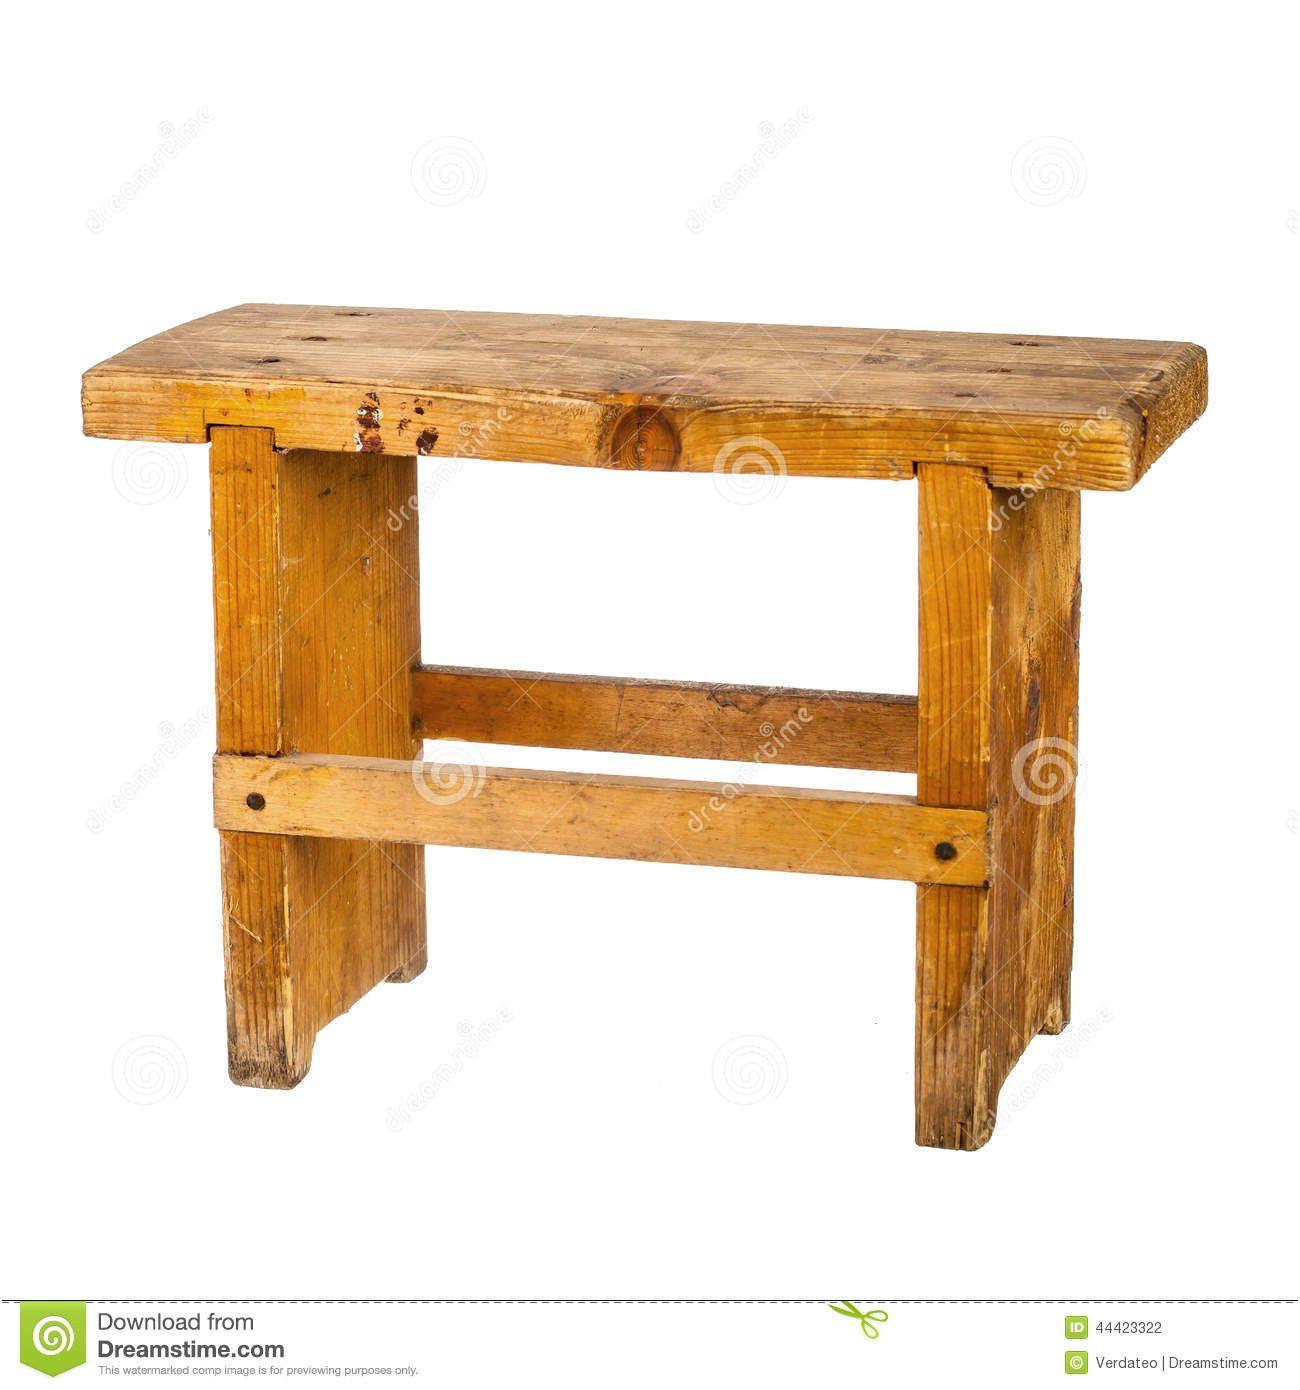 8 Prestigieux Petit Banc Ikea Gallery Meuble Simple Furniture